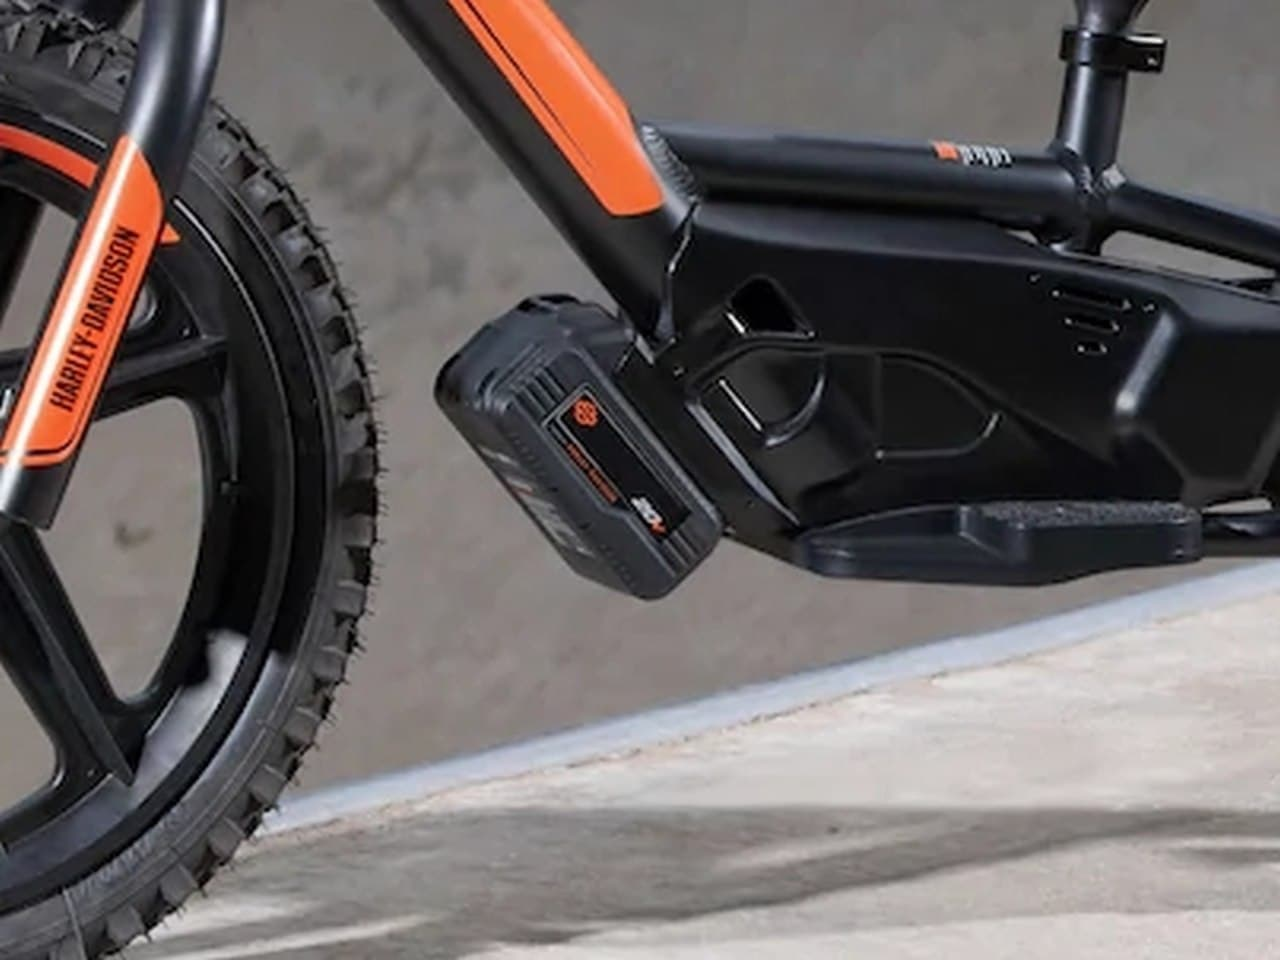 マジか?ハーレーが3歳児向けの電動バランスバイクを発表